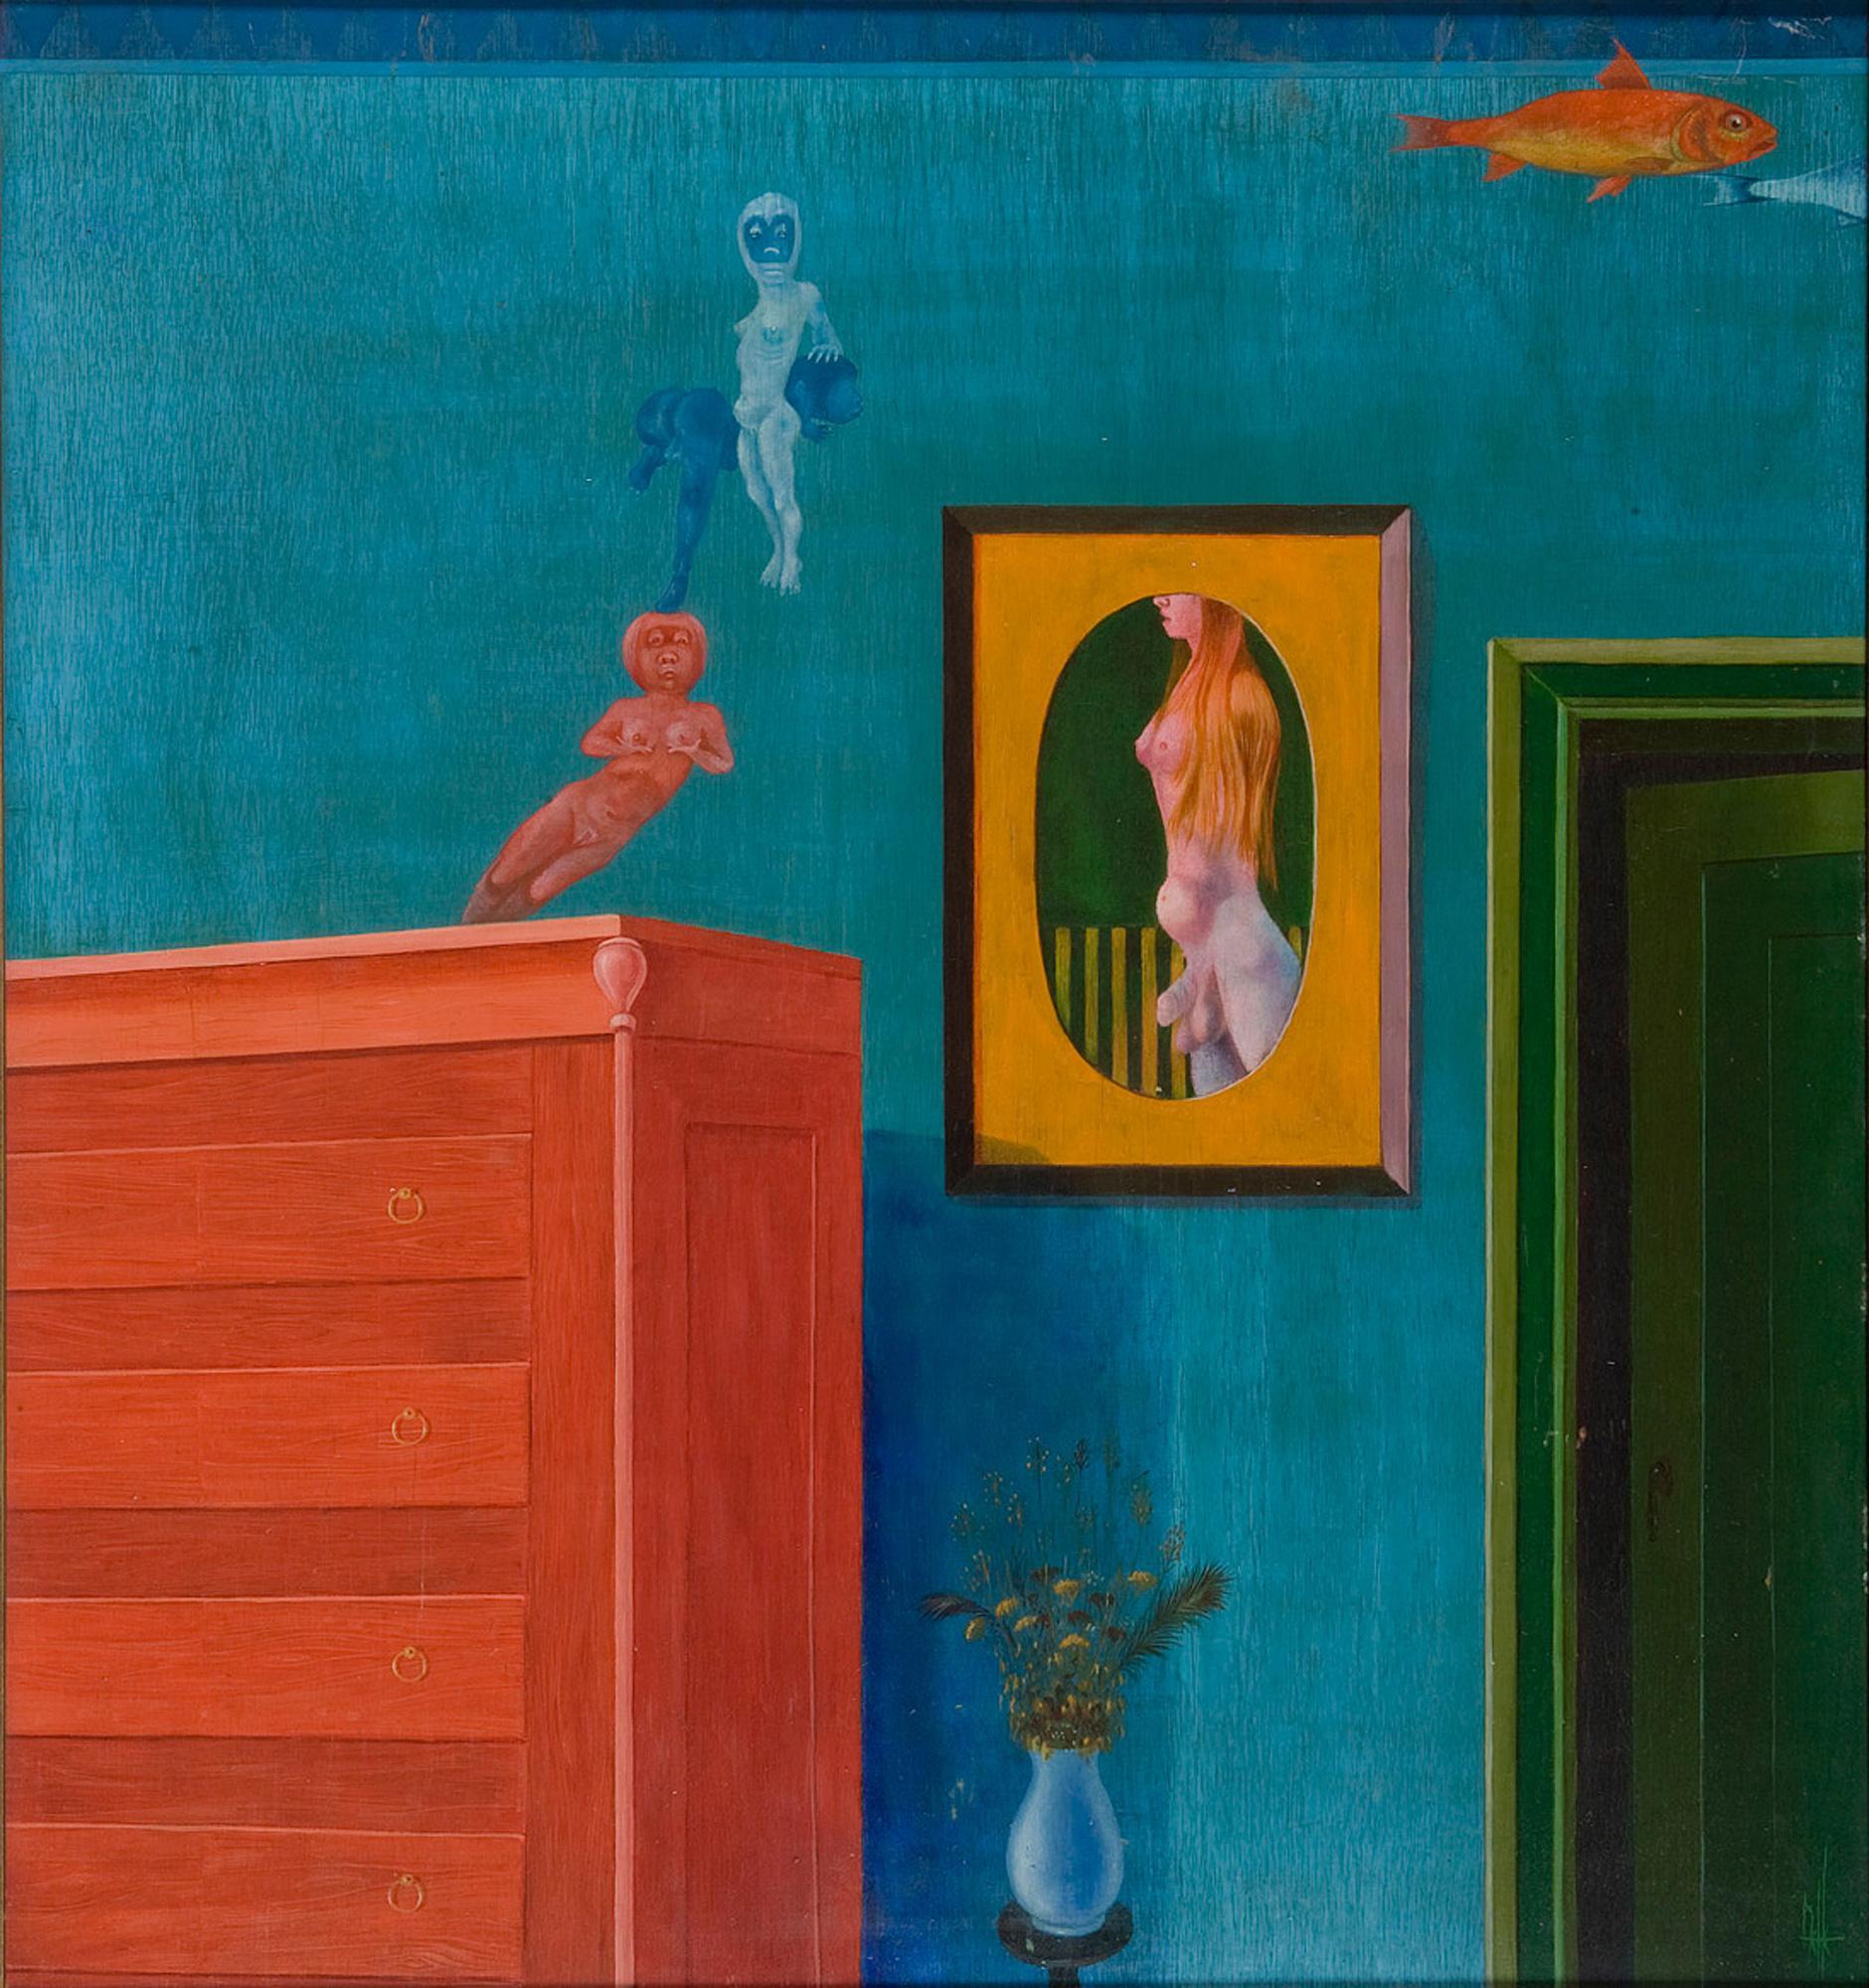 Melle schilder   Interieur, olieverf op paneel